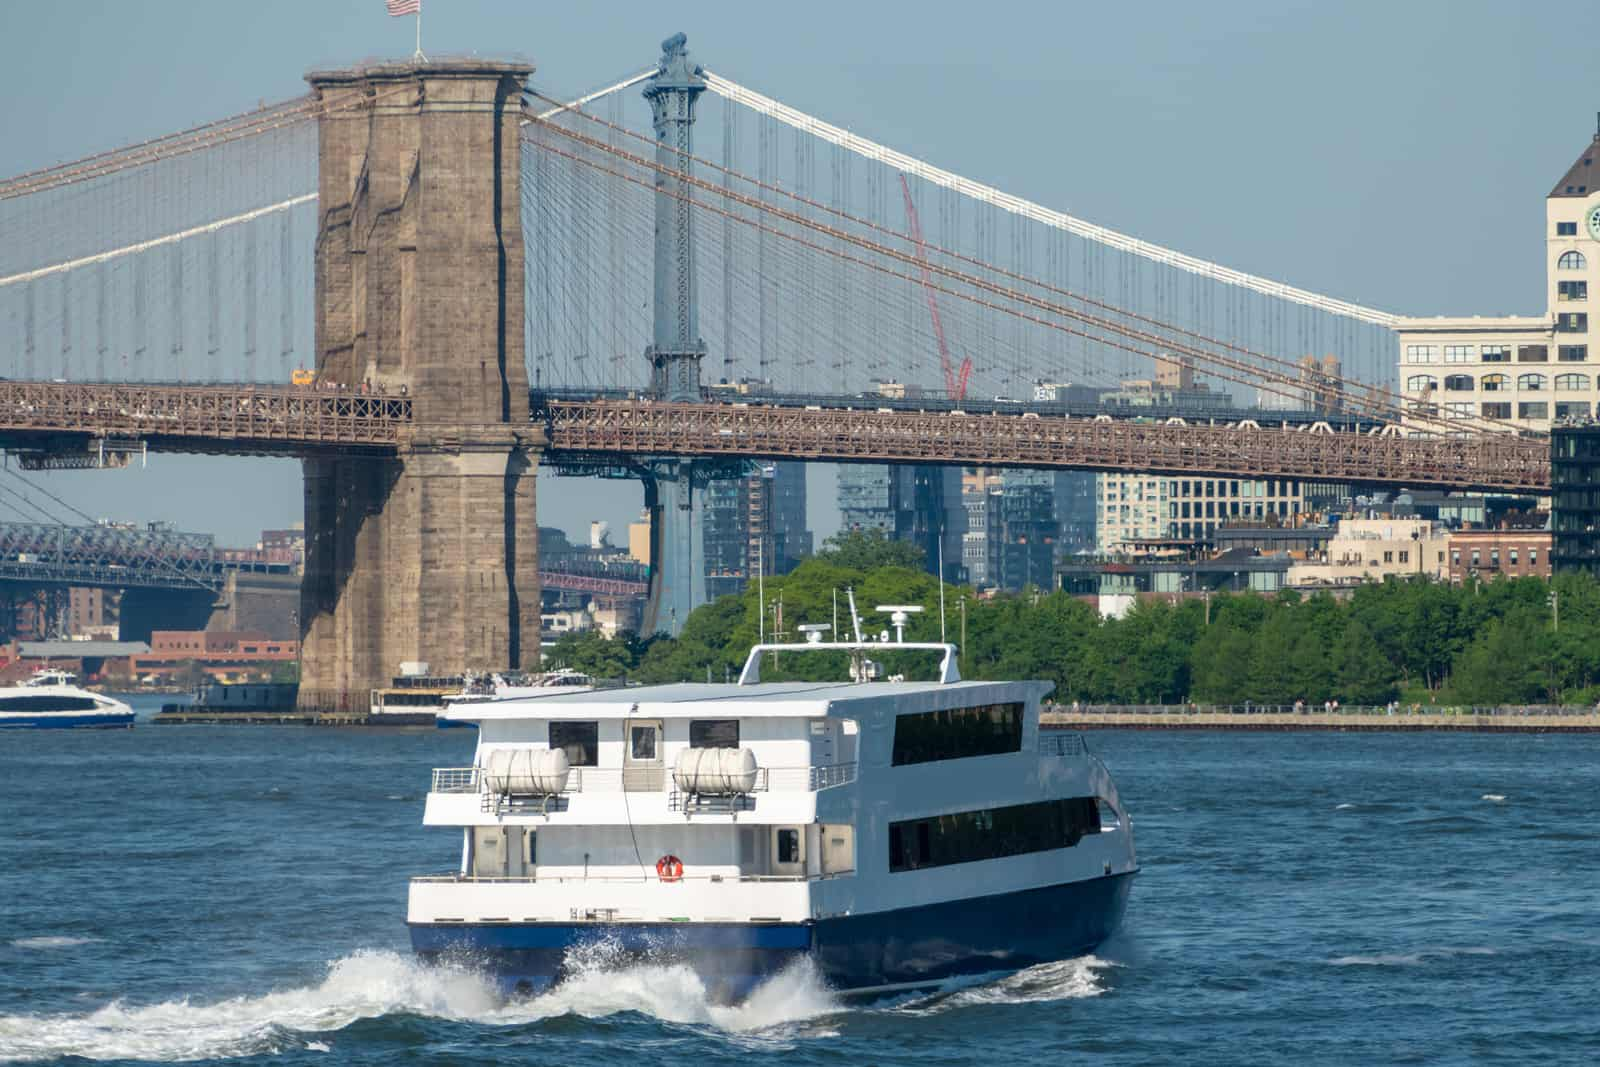 Jamaica Estates Queens, New York Private Investigator